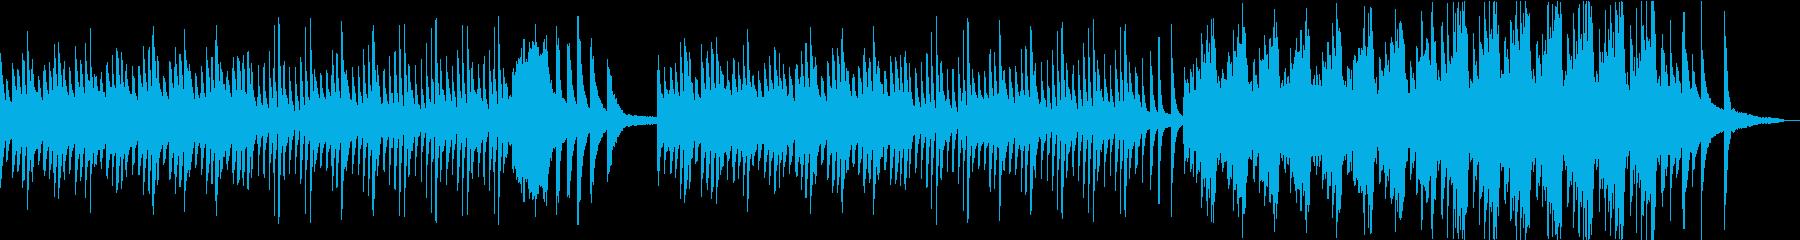 水面の波紋のように揺れたピアノ曲の再生済みの波形